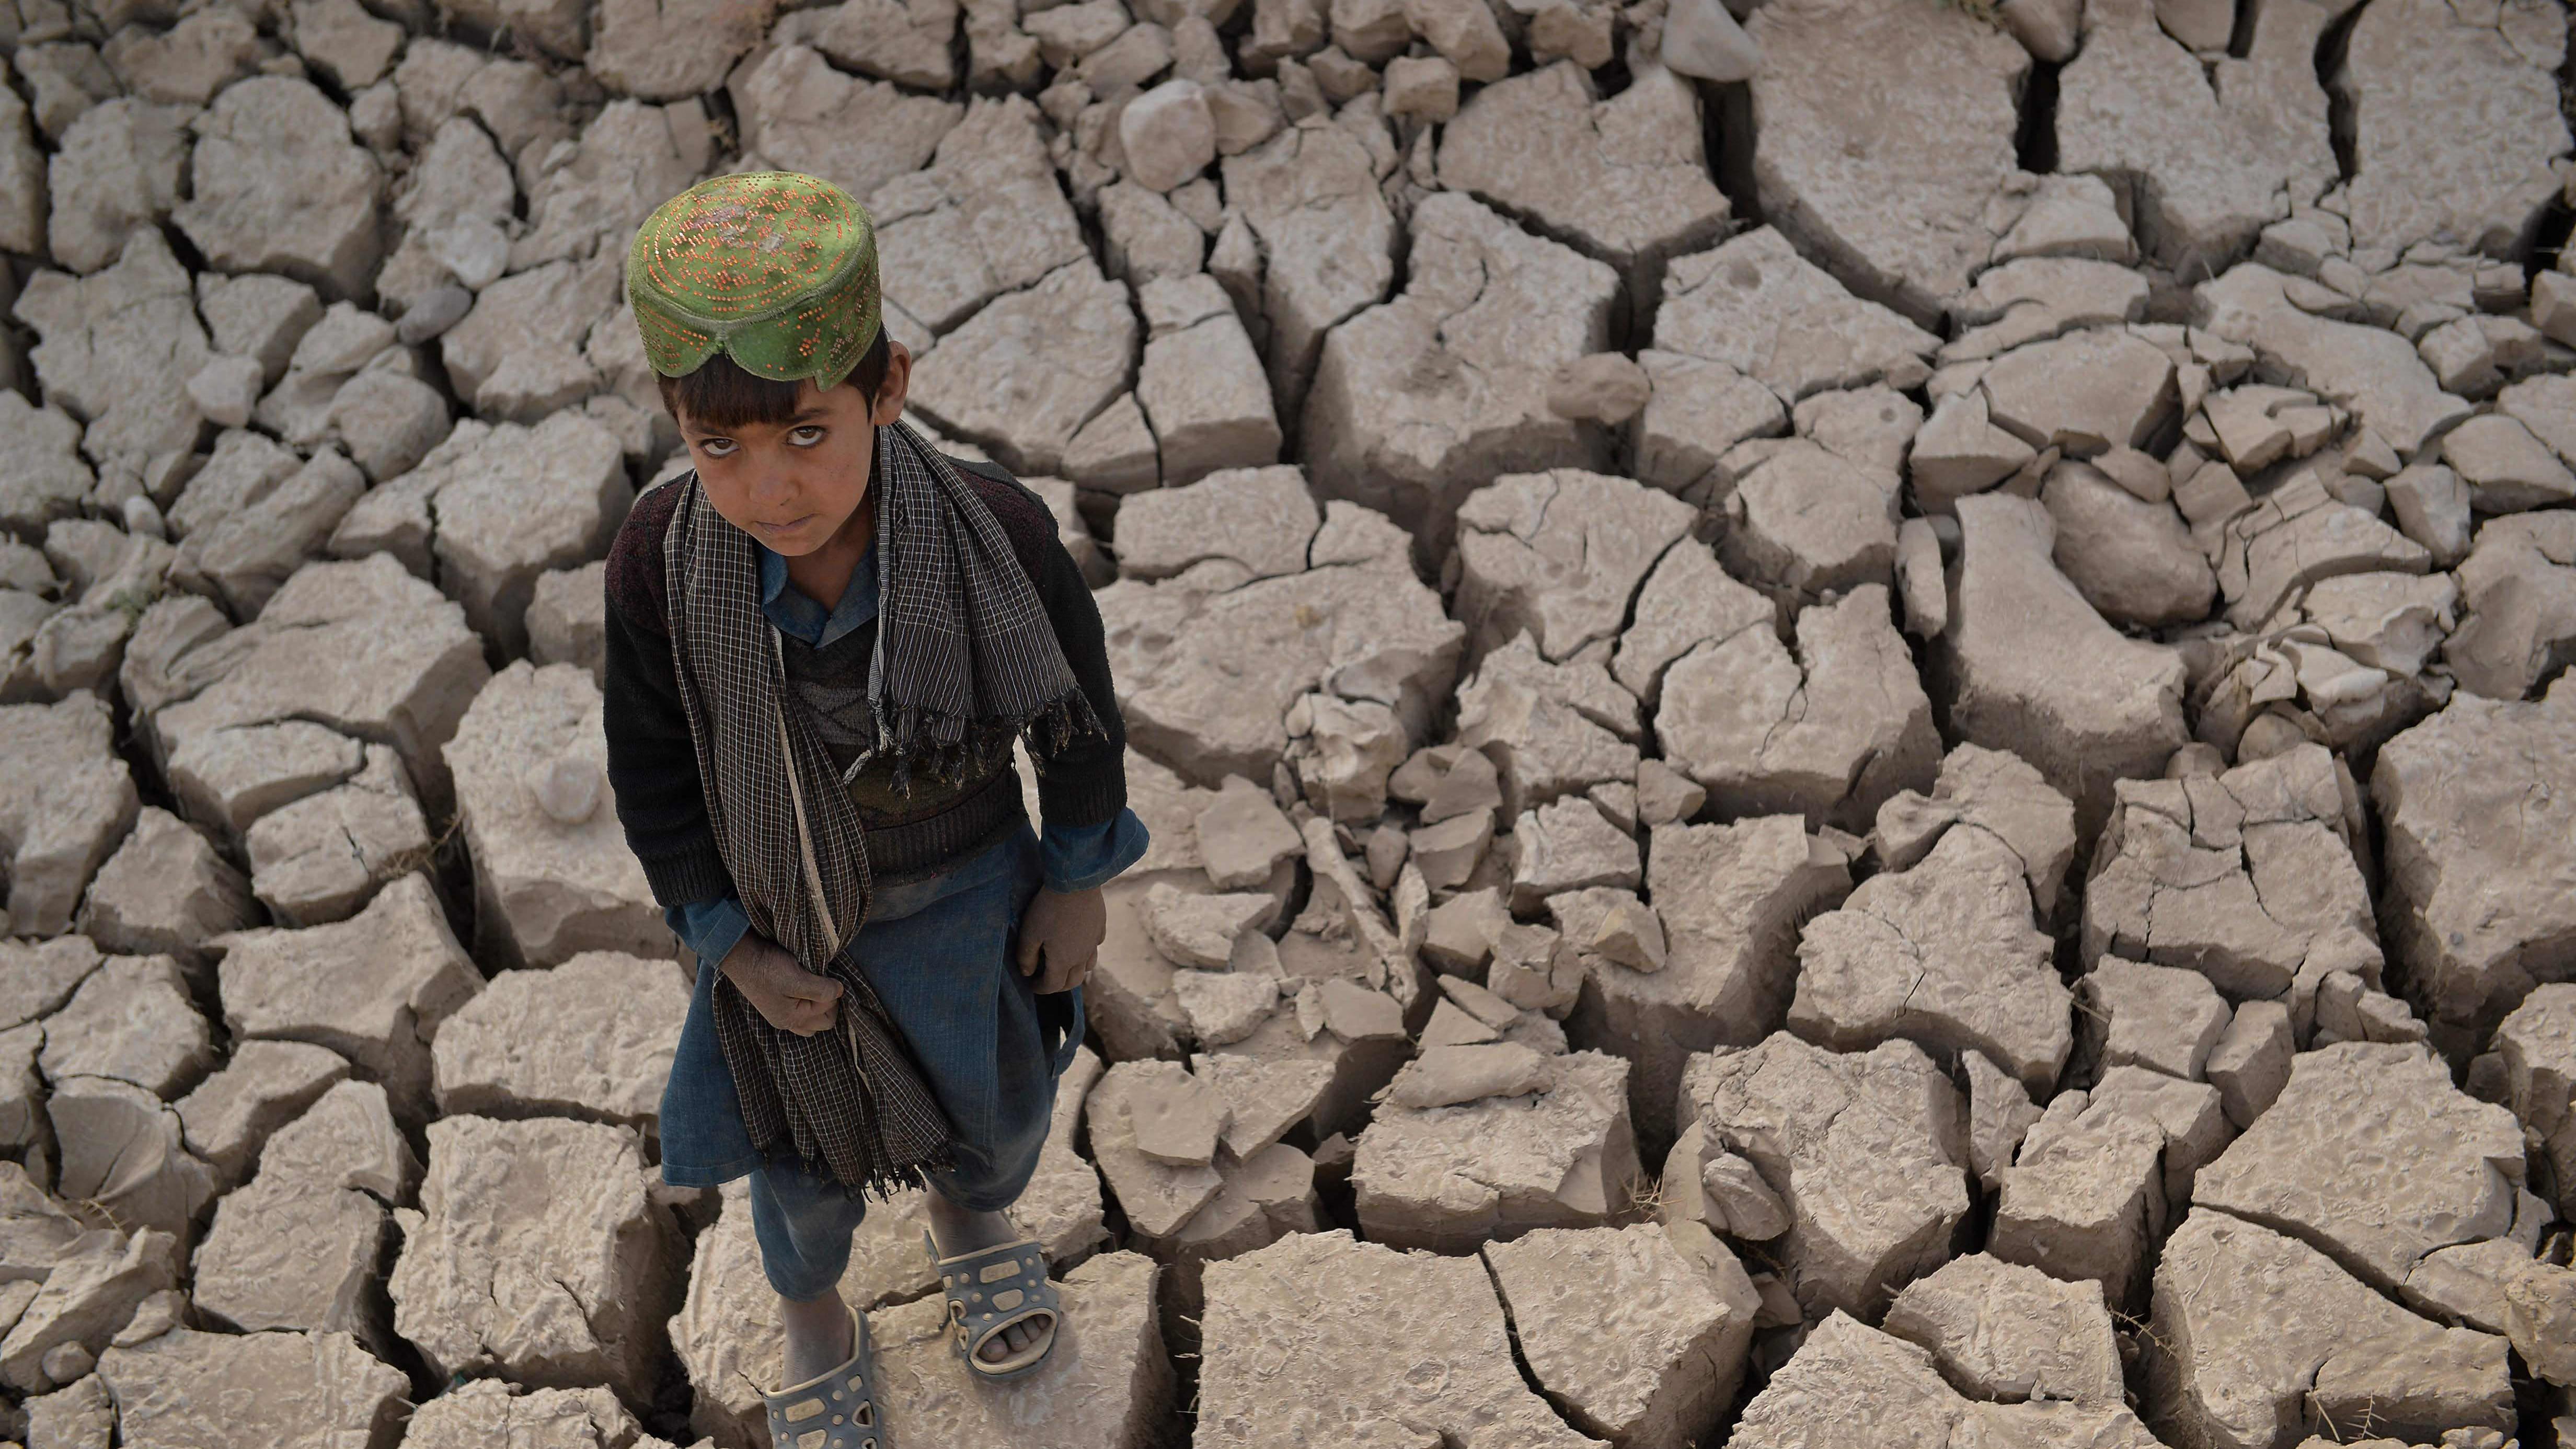 Pieni poika seisoo kuivuneella pellolla ja katsoo kameraan.